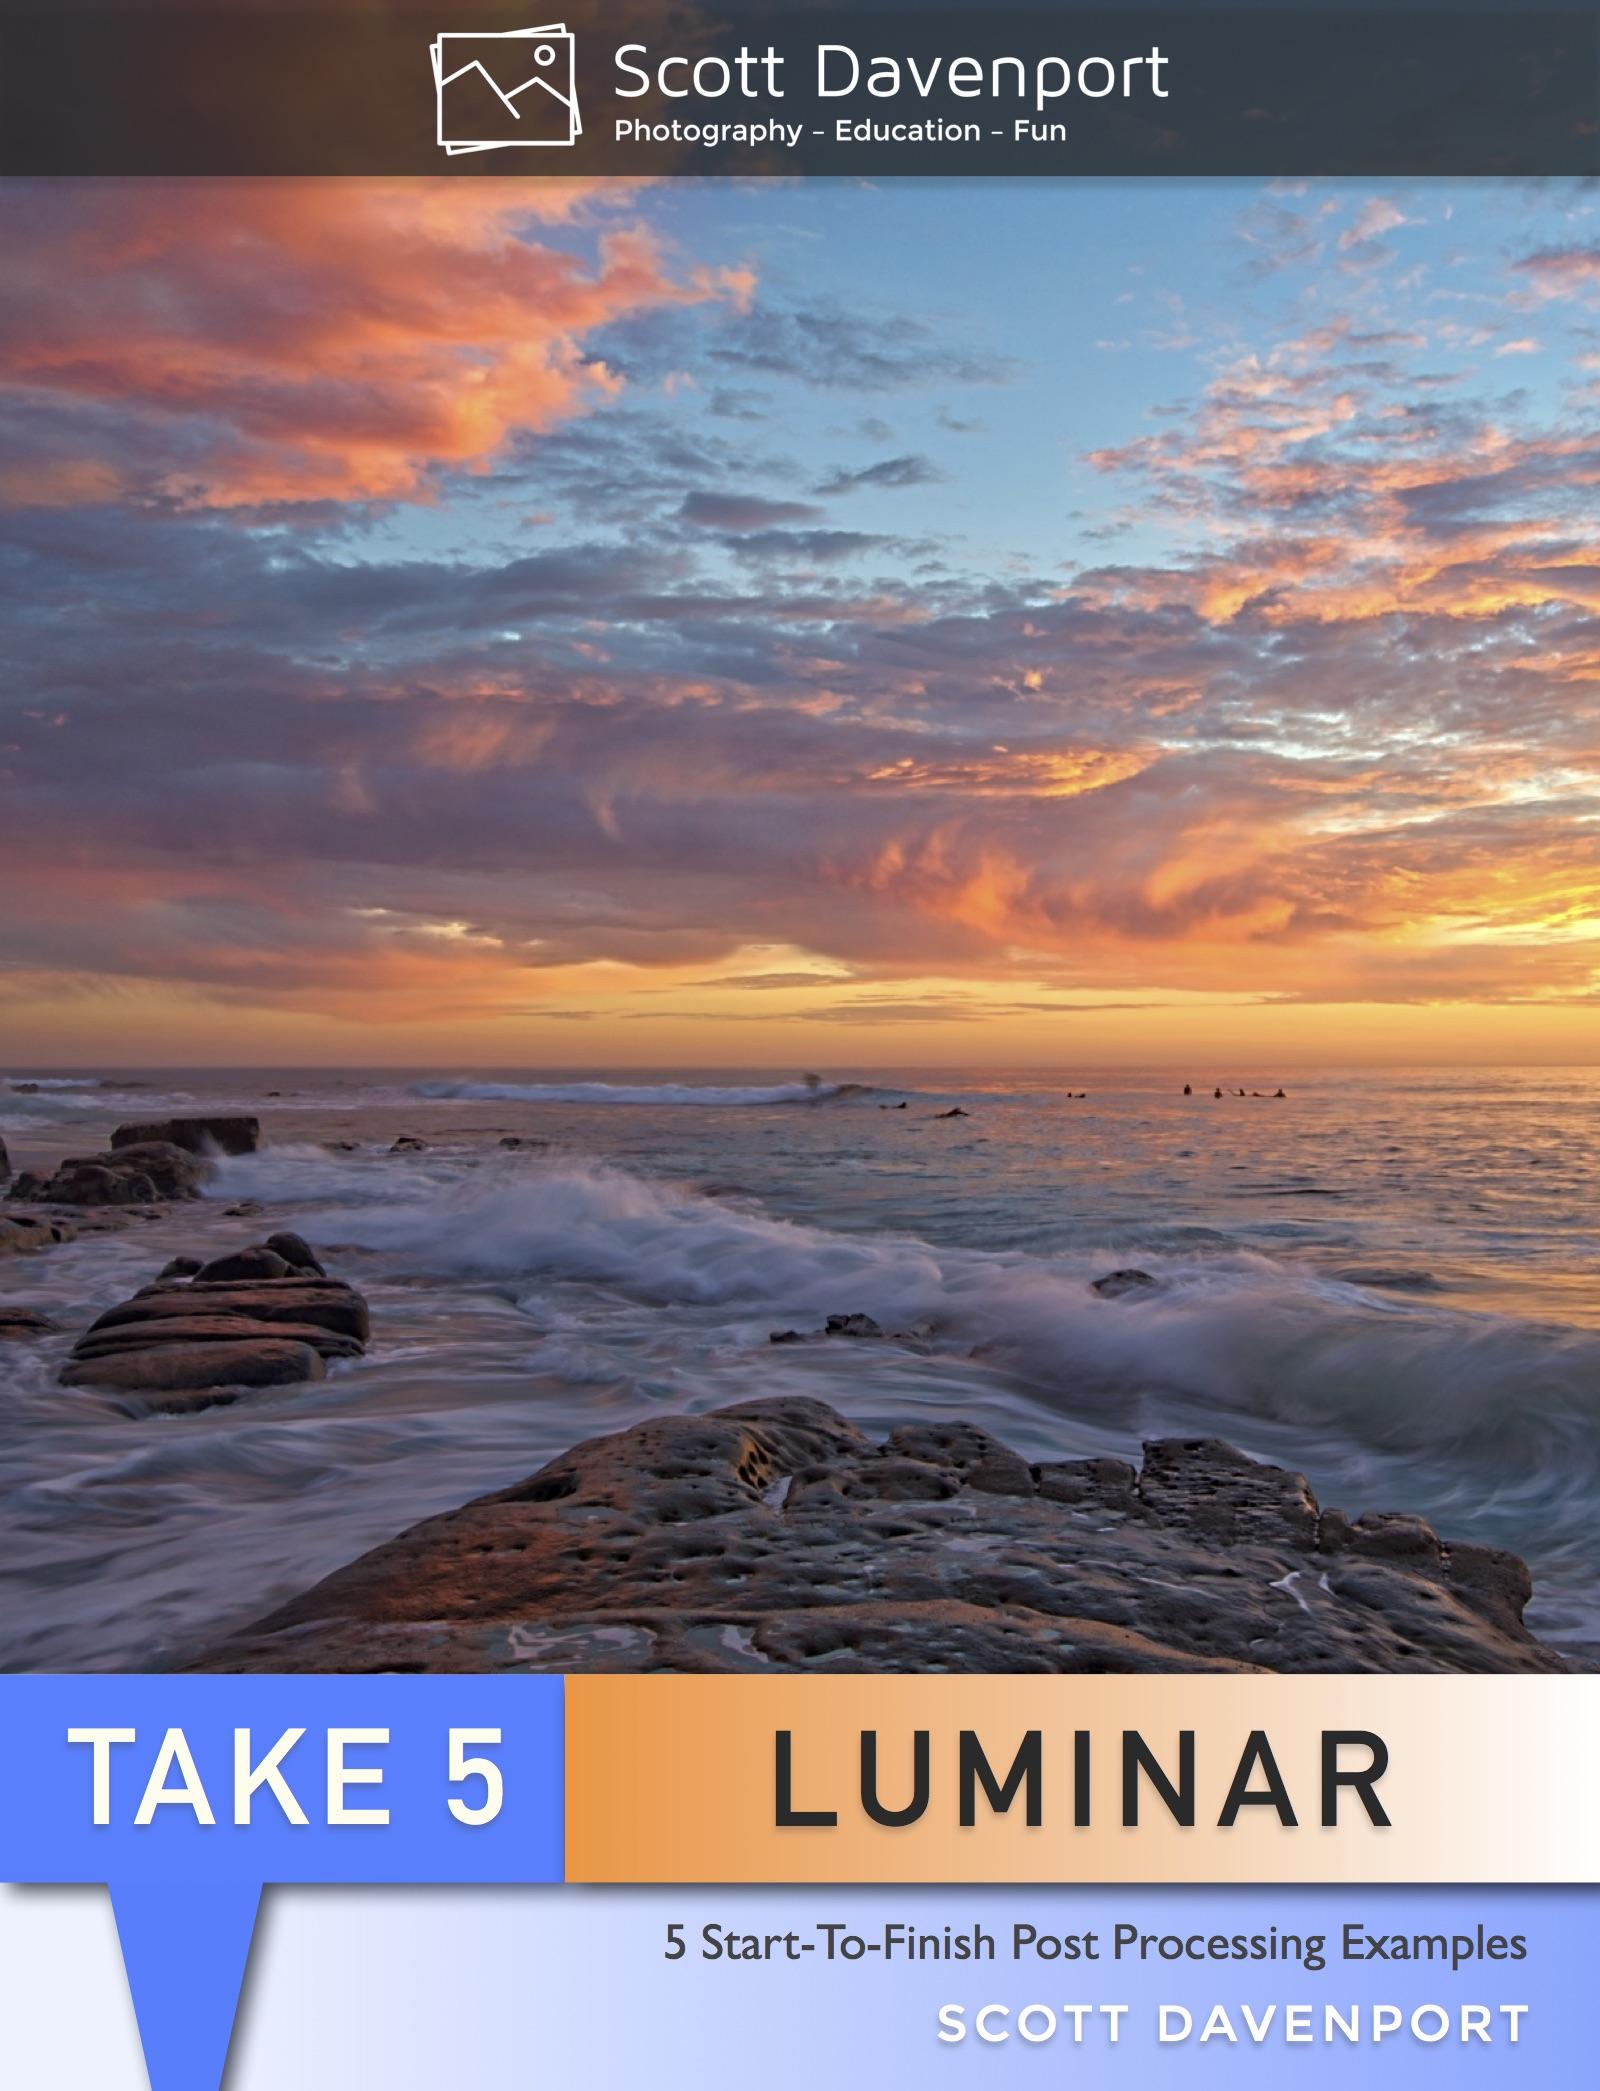 Take-5-Luminar-Scott-Davenport-Cover.jpg